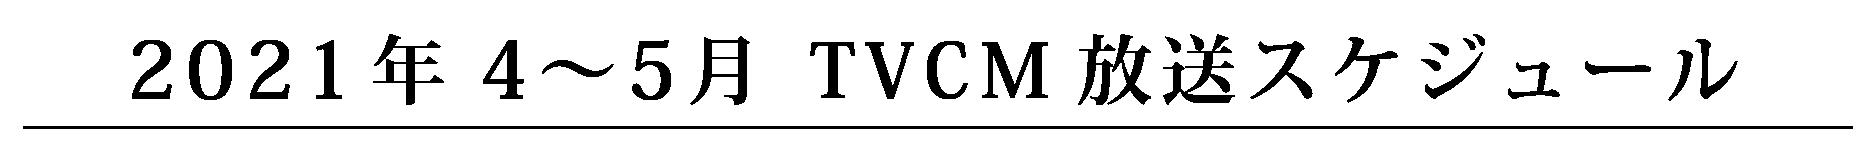 2021年 4月TVCM放送スケジュール